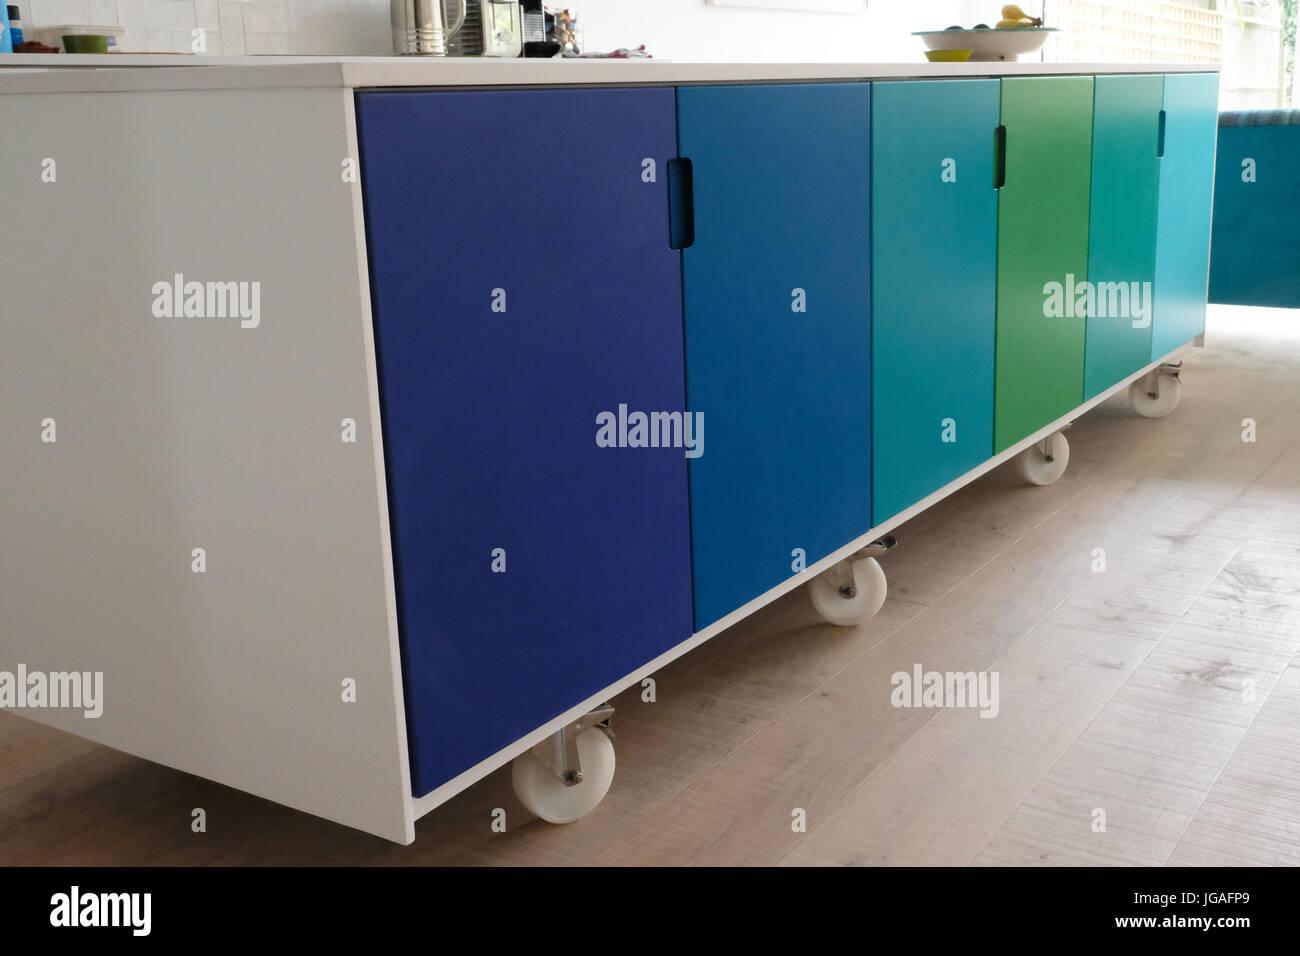 Bewegliche Küche Insel auf Rollen Stockfoto, Bild: 147749345 - Alamy